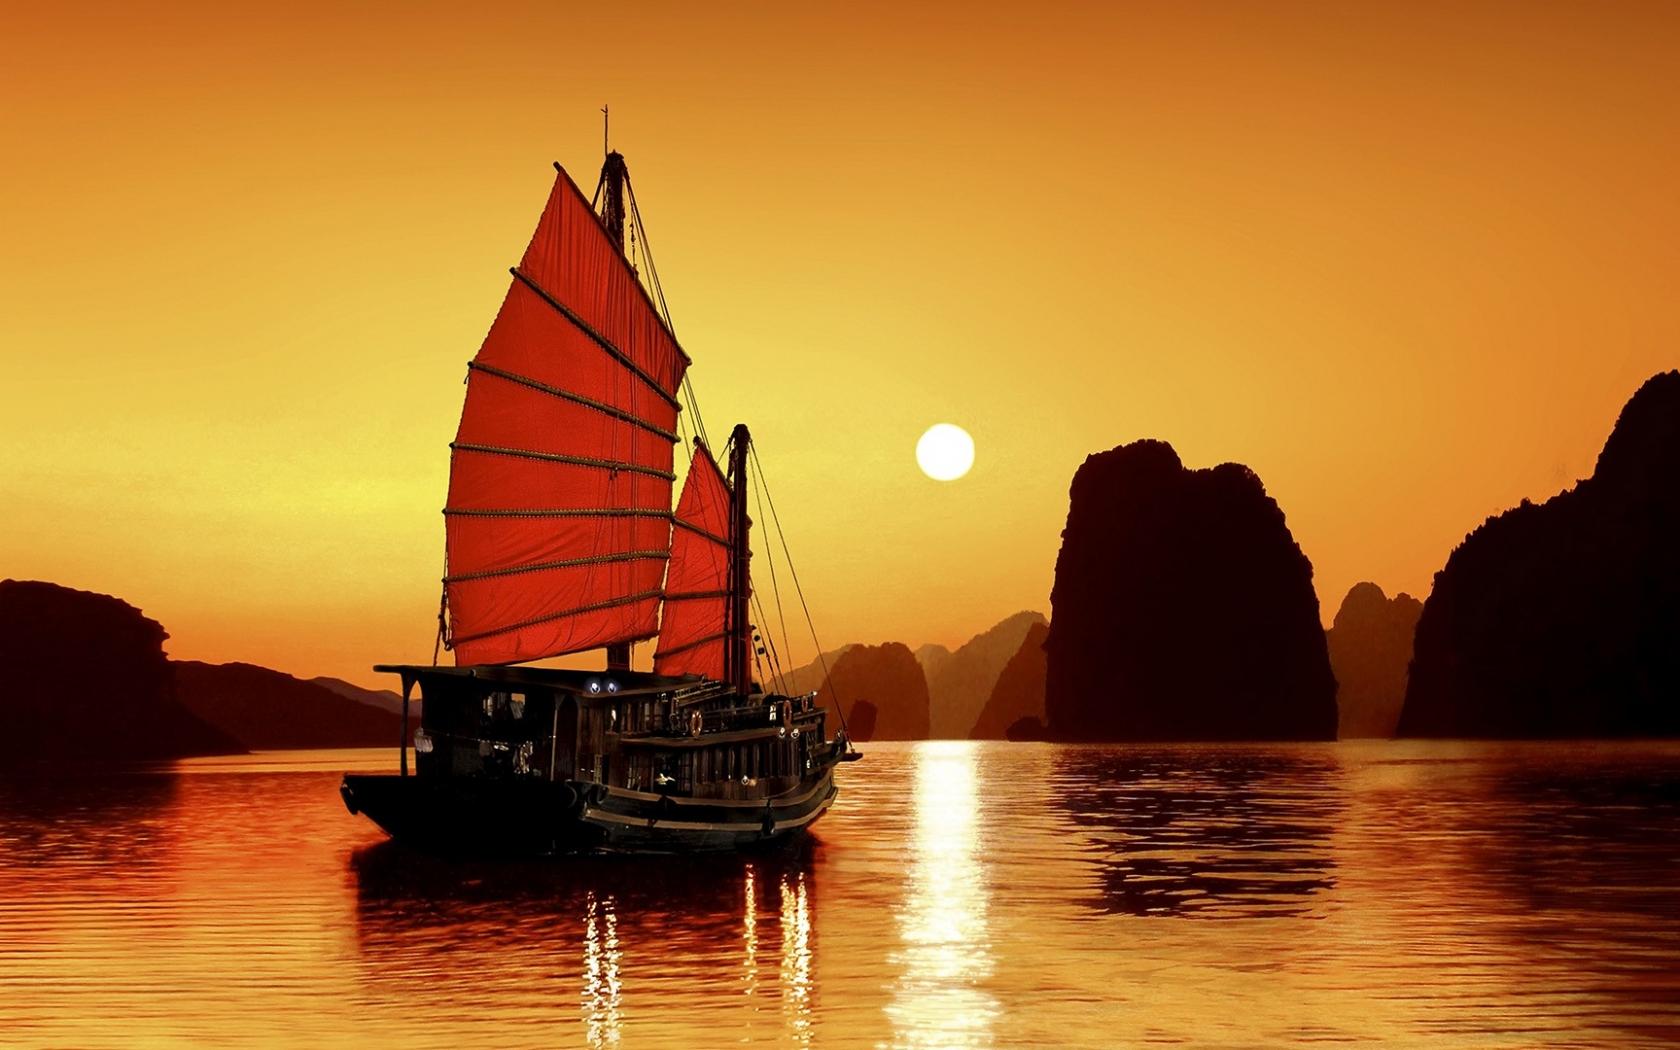 Un atardecer y un barco - 1680x1050